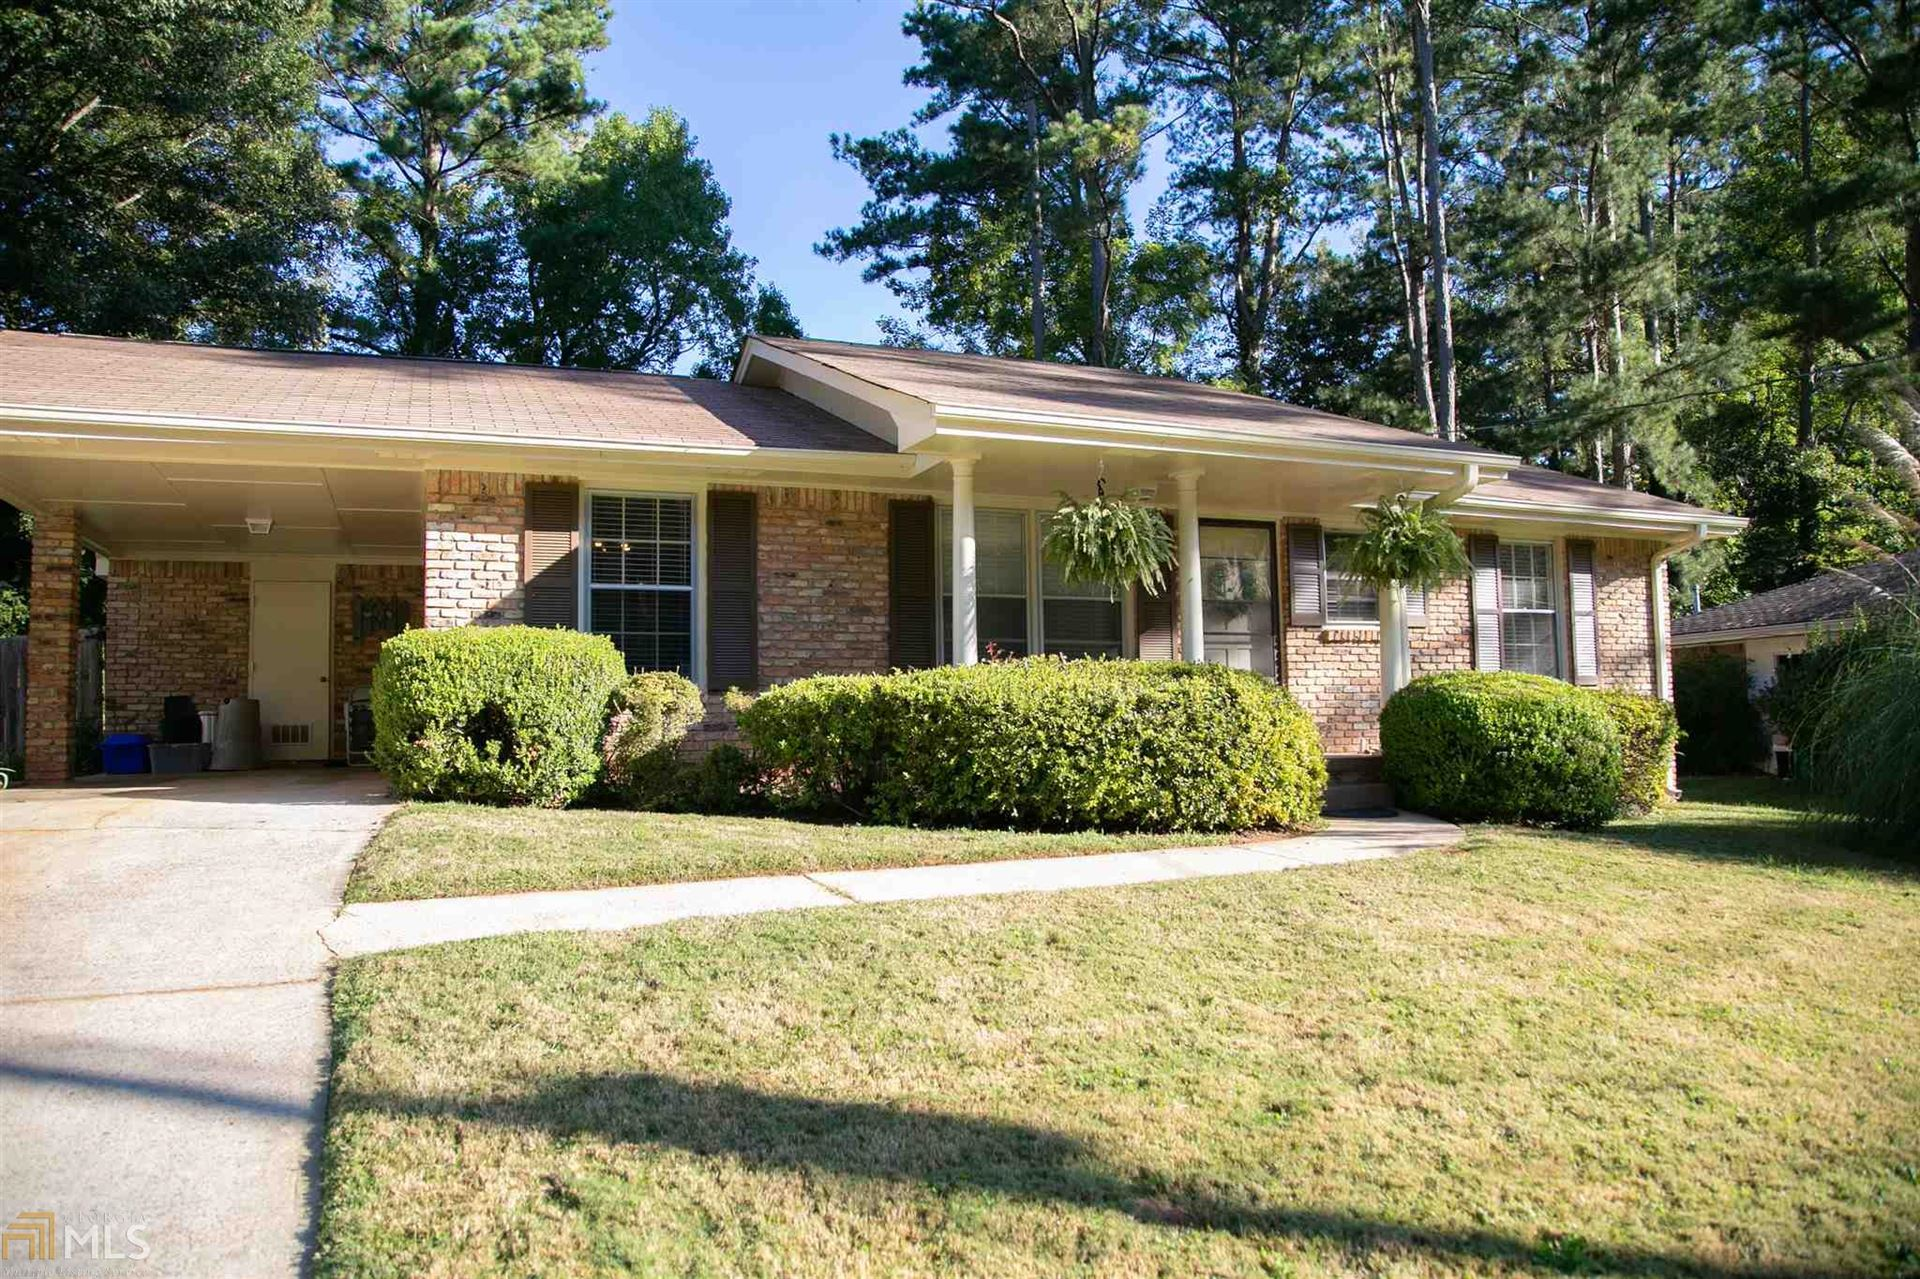 3742 Gloucester Dr, Tucker, GA 30084 - MLS#: 8867493